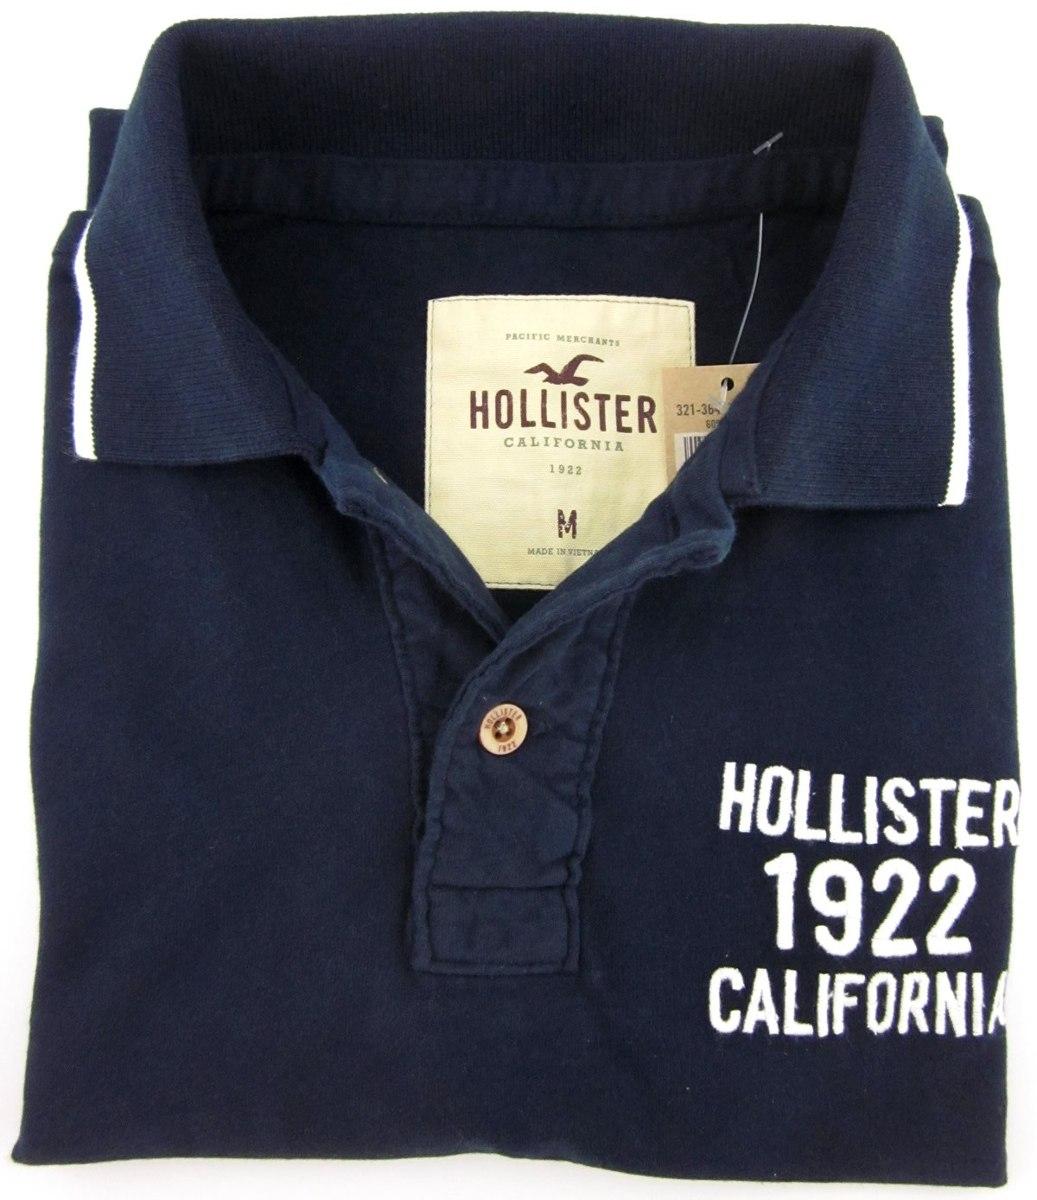 camisa polo hollister importada usa 100% original p m g gg. Carregando zoom. b4cde7eb2b58f